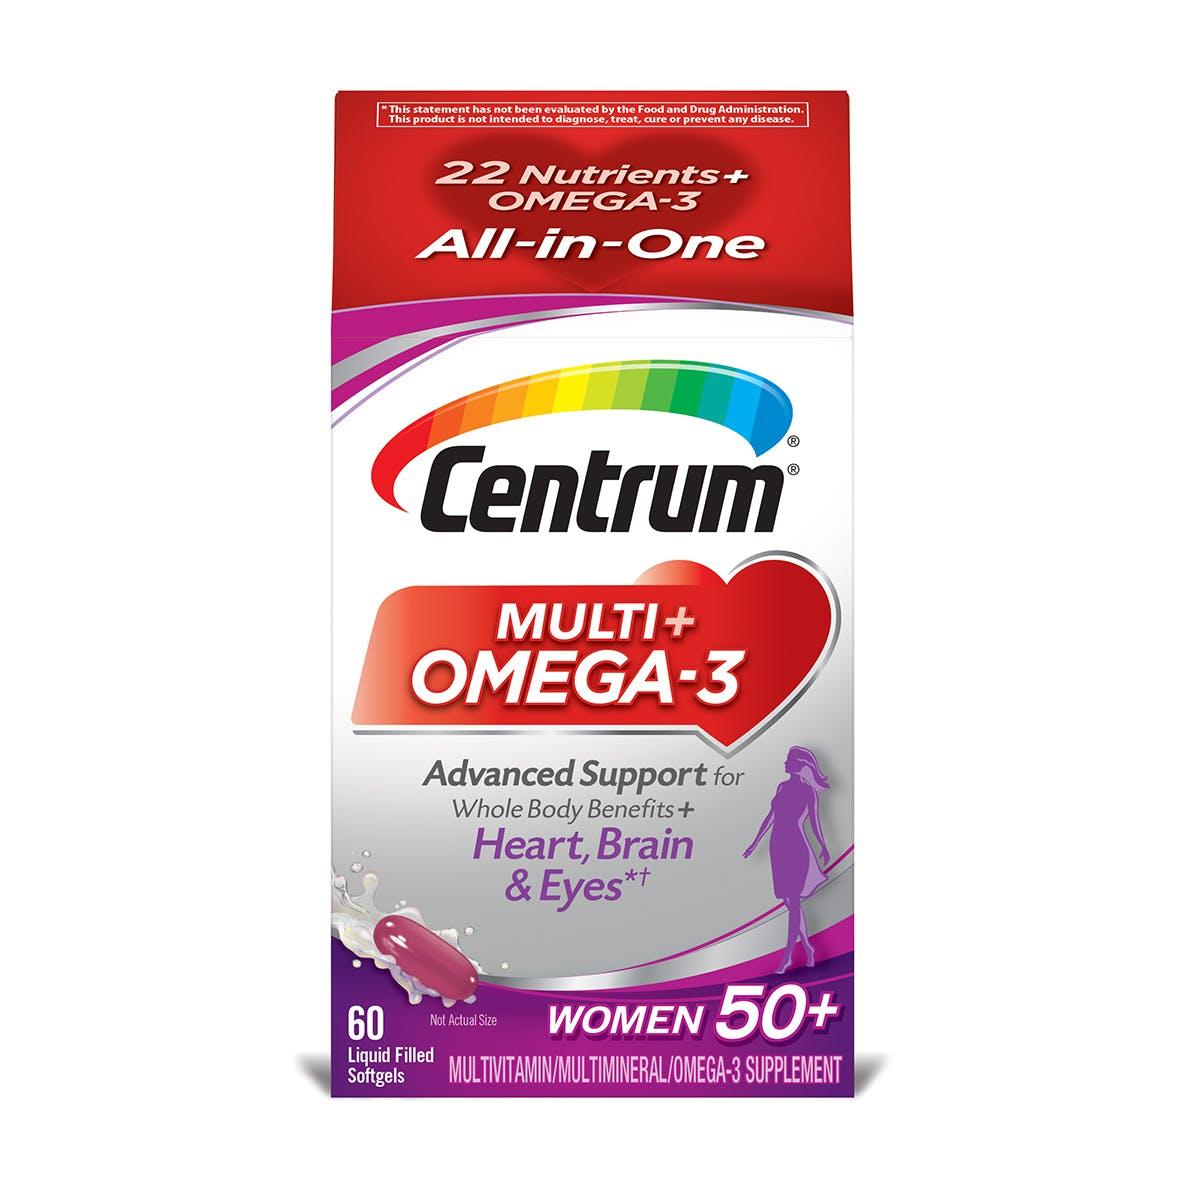 Box of Centrum Multi plus Omega 3 Women 50plus multivitamins